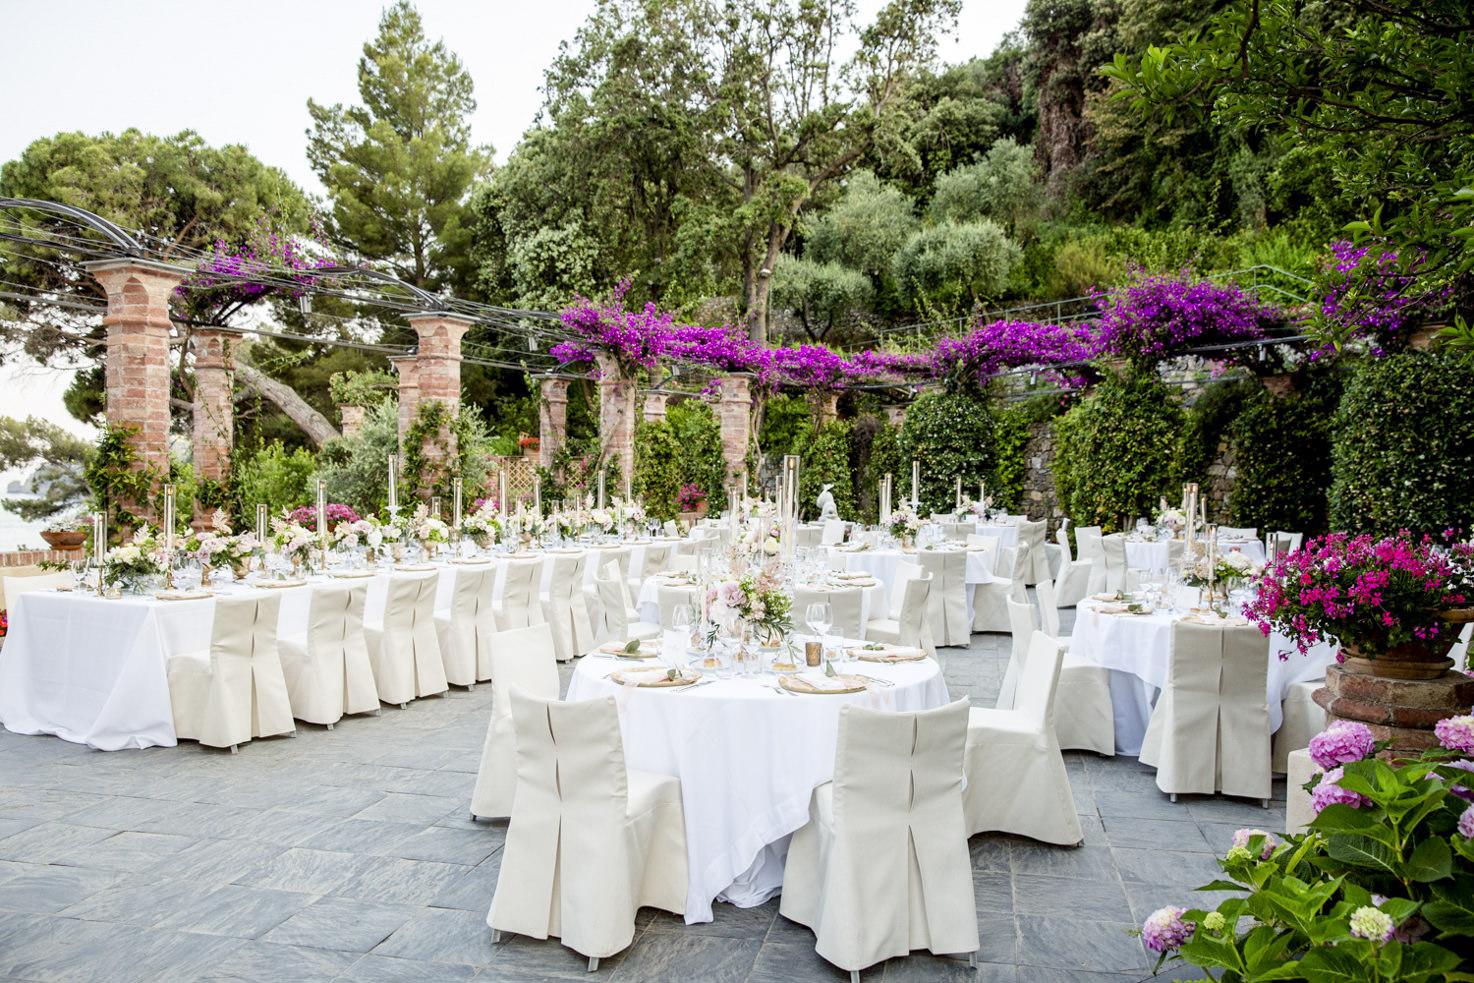 Wedding banquet at La Cervara